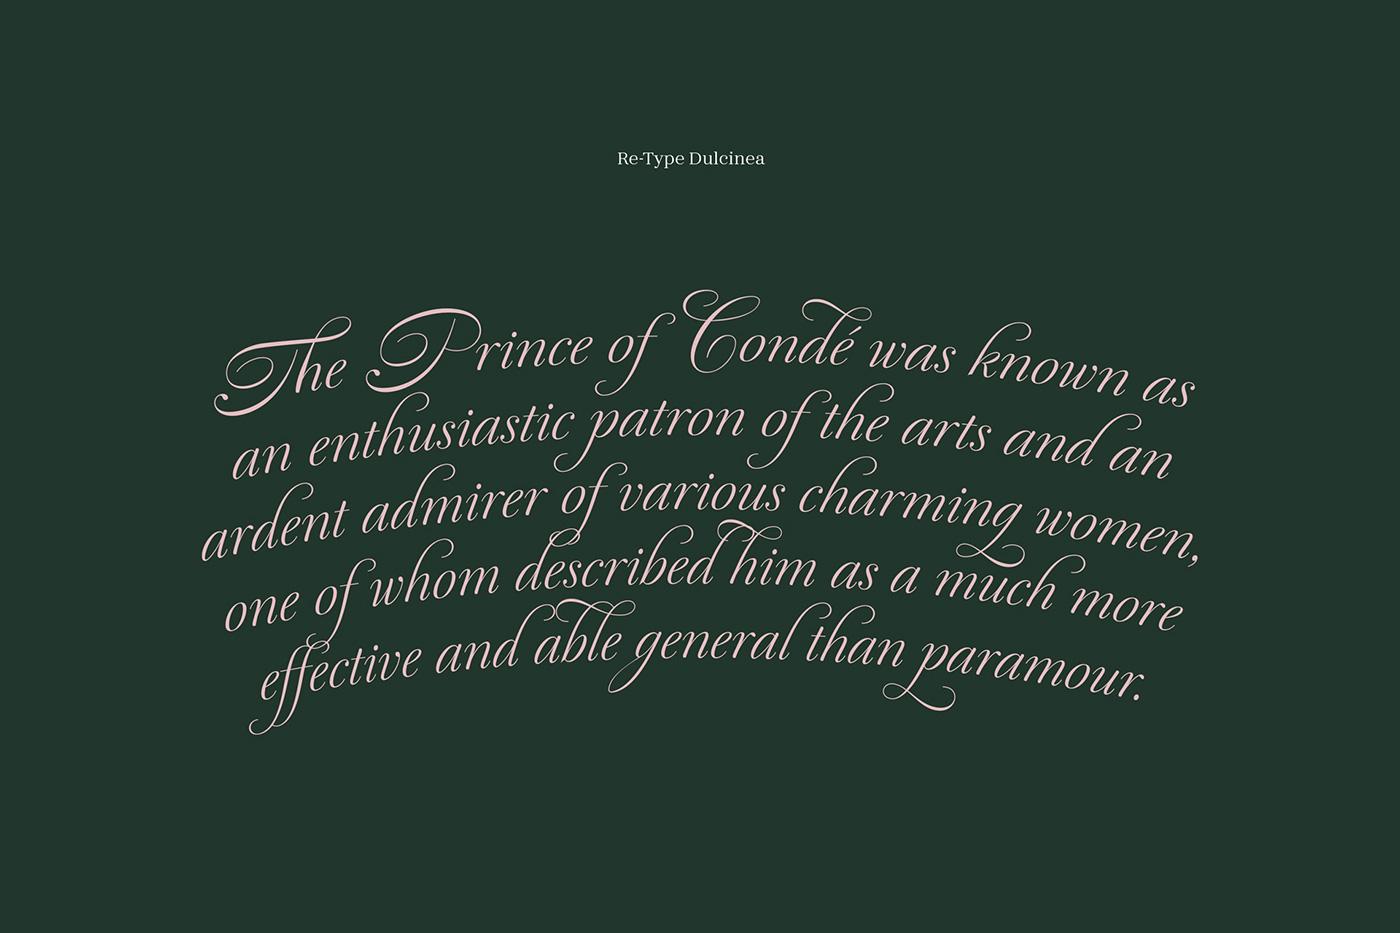 Le Conde typography